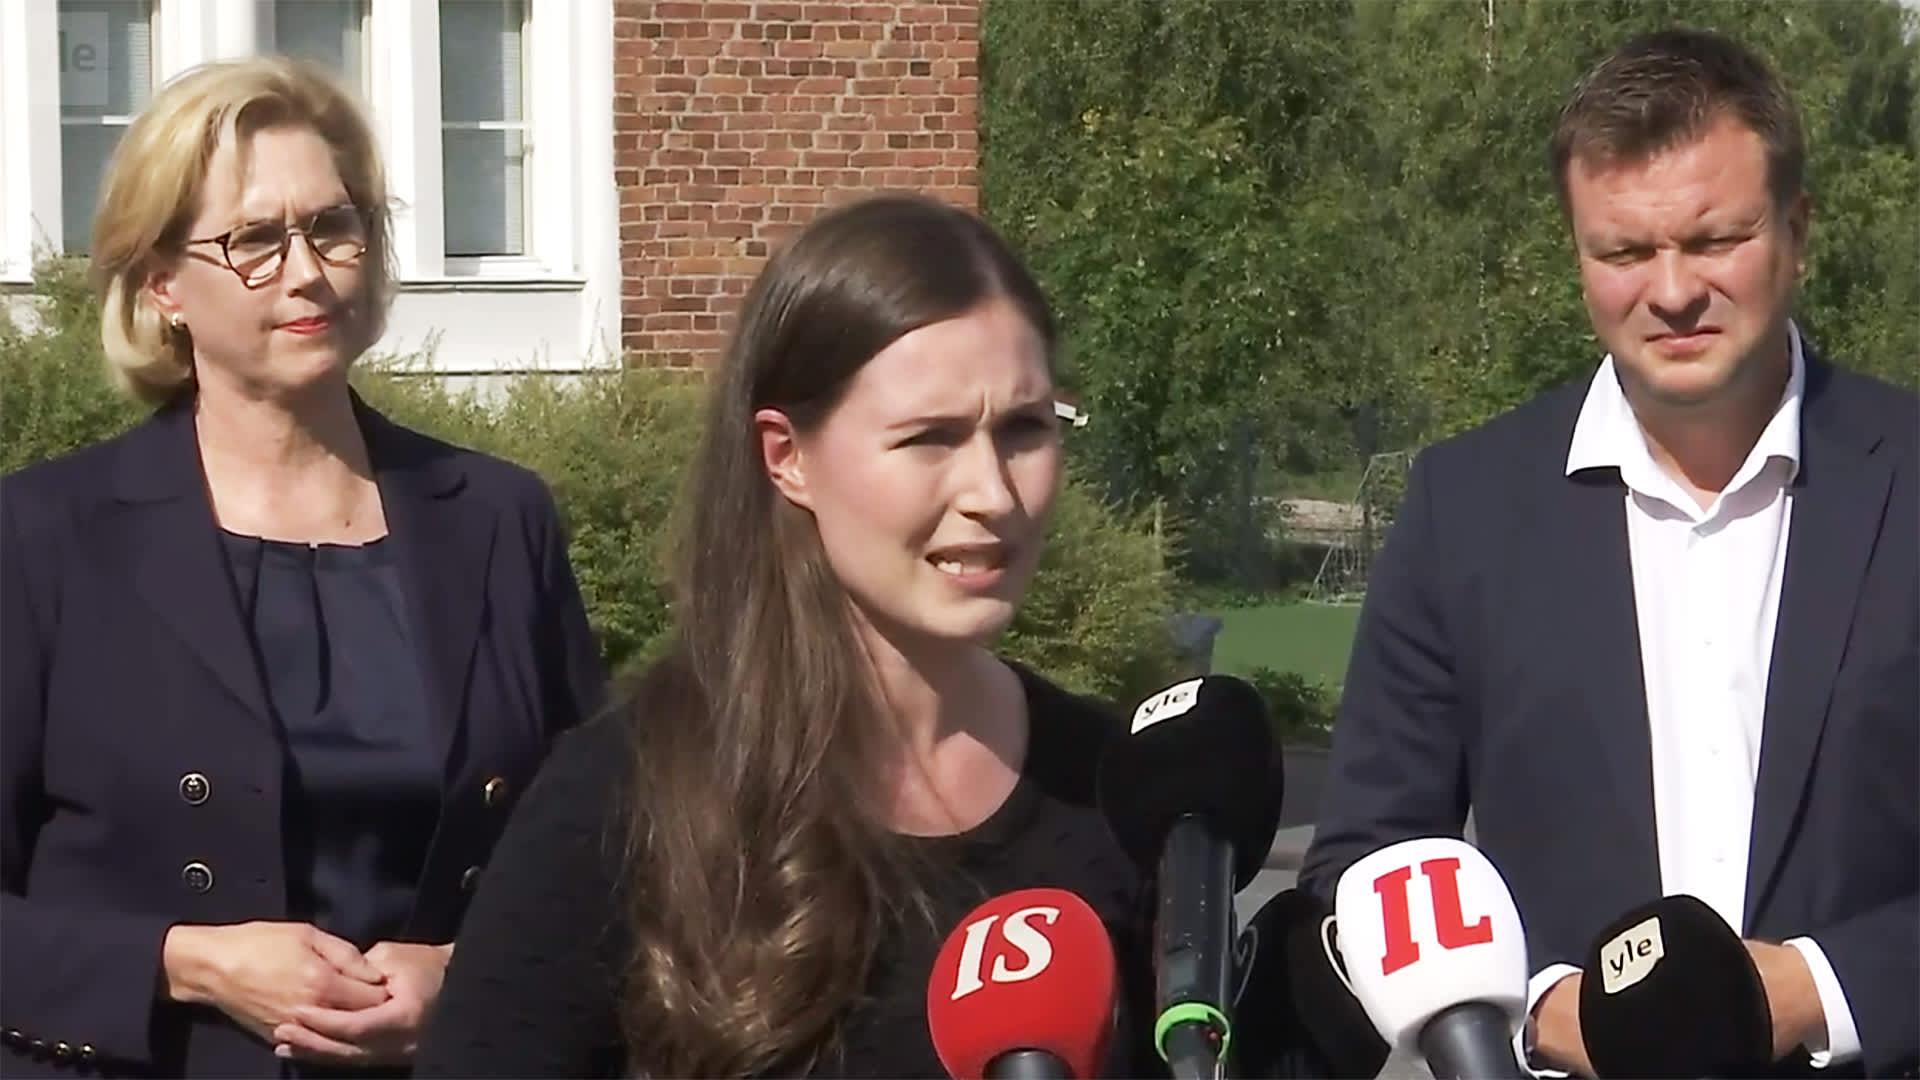 suomalaiset naiset etsii seksiä jämsä ukrainalaiset naiset etsii seksiä solna